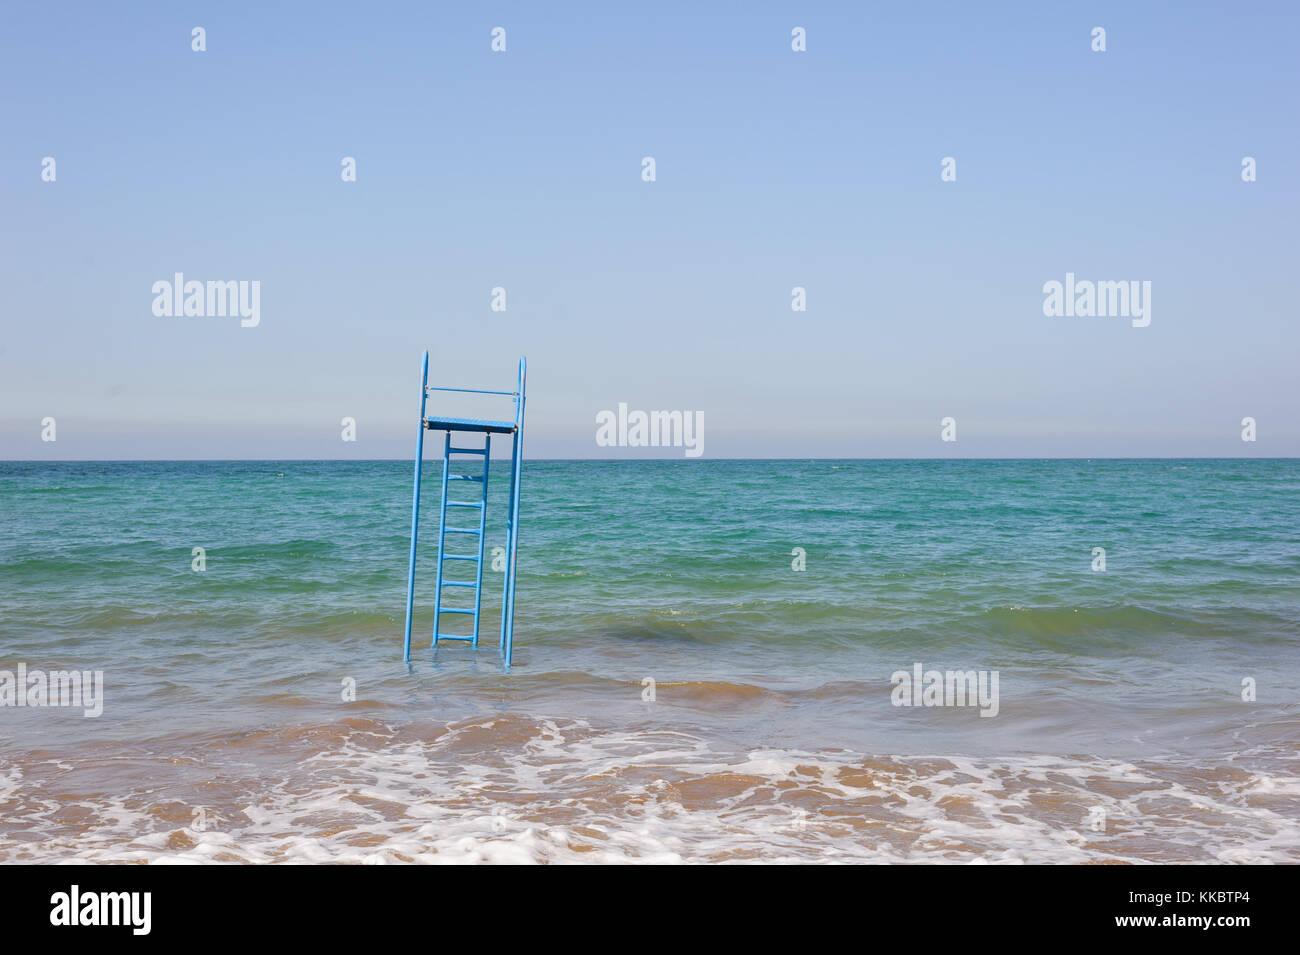 La noyade de l'échelle de sauvetage dans l'eau Photo Stock